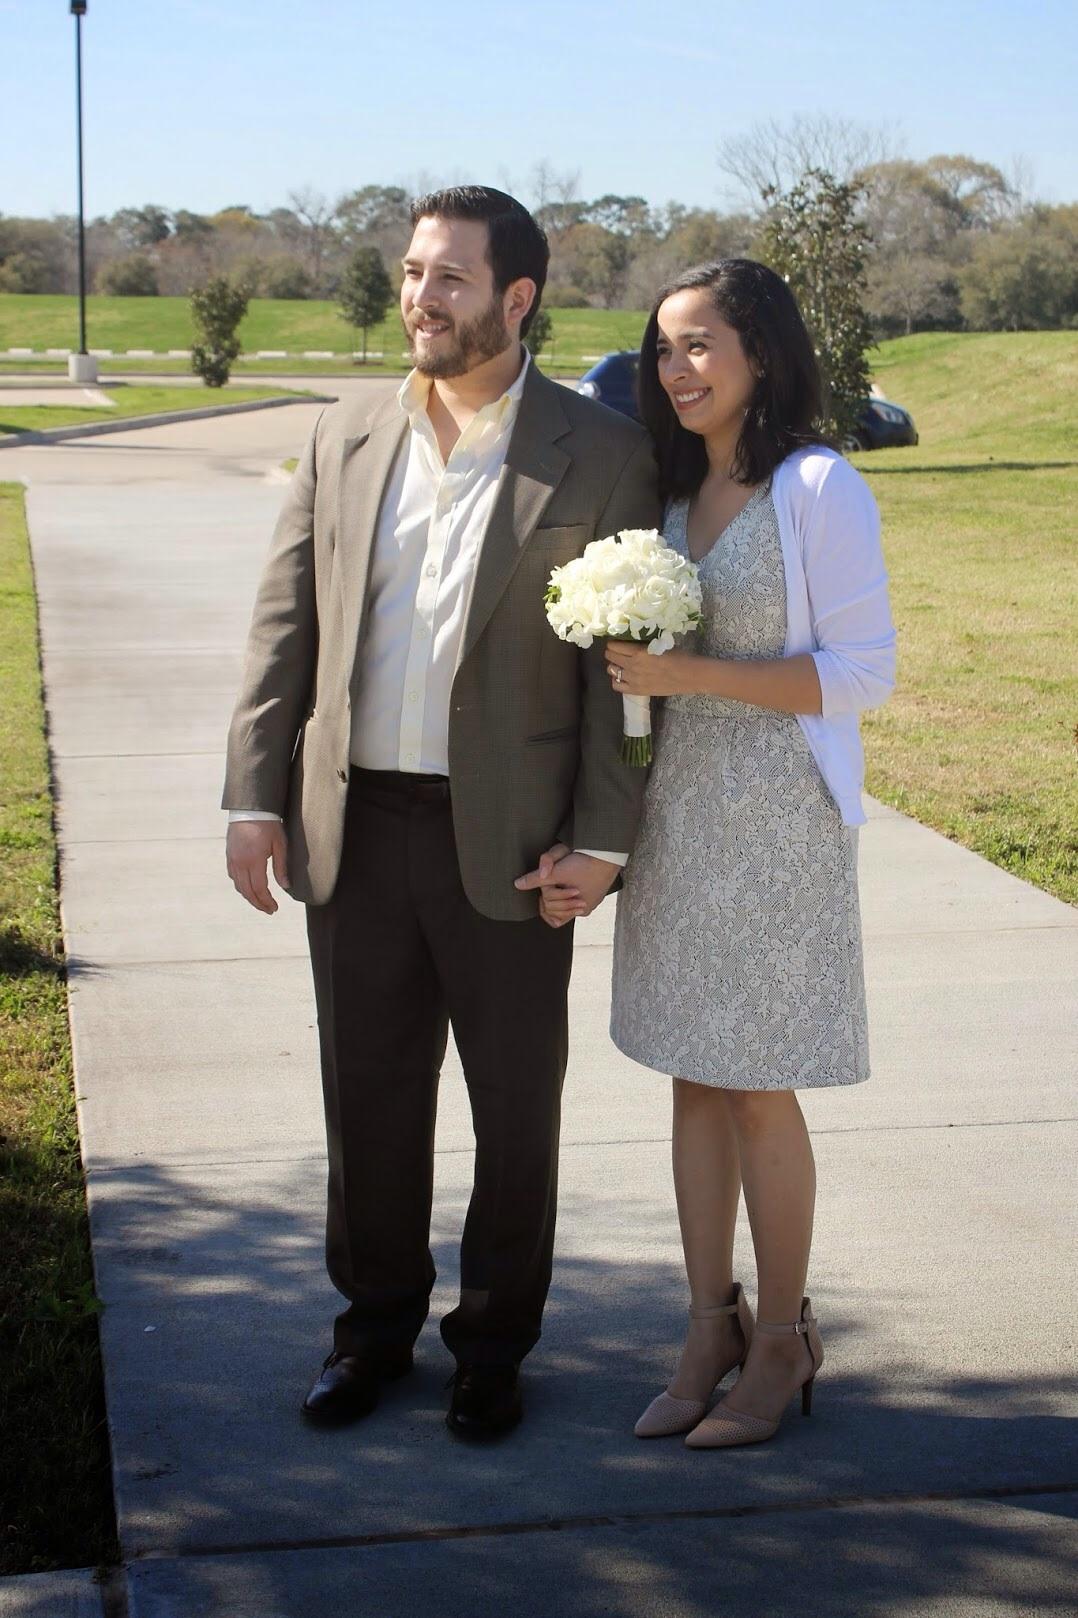 courthouse wedding attire courthouse wedding dresses